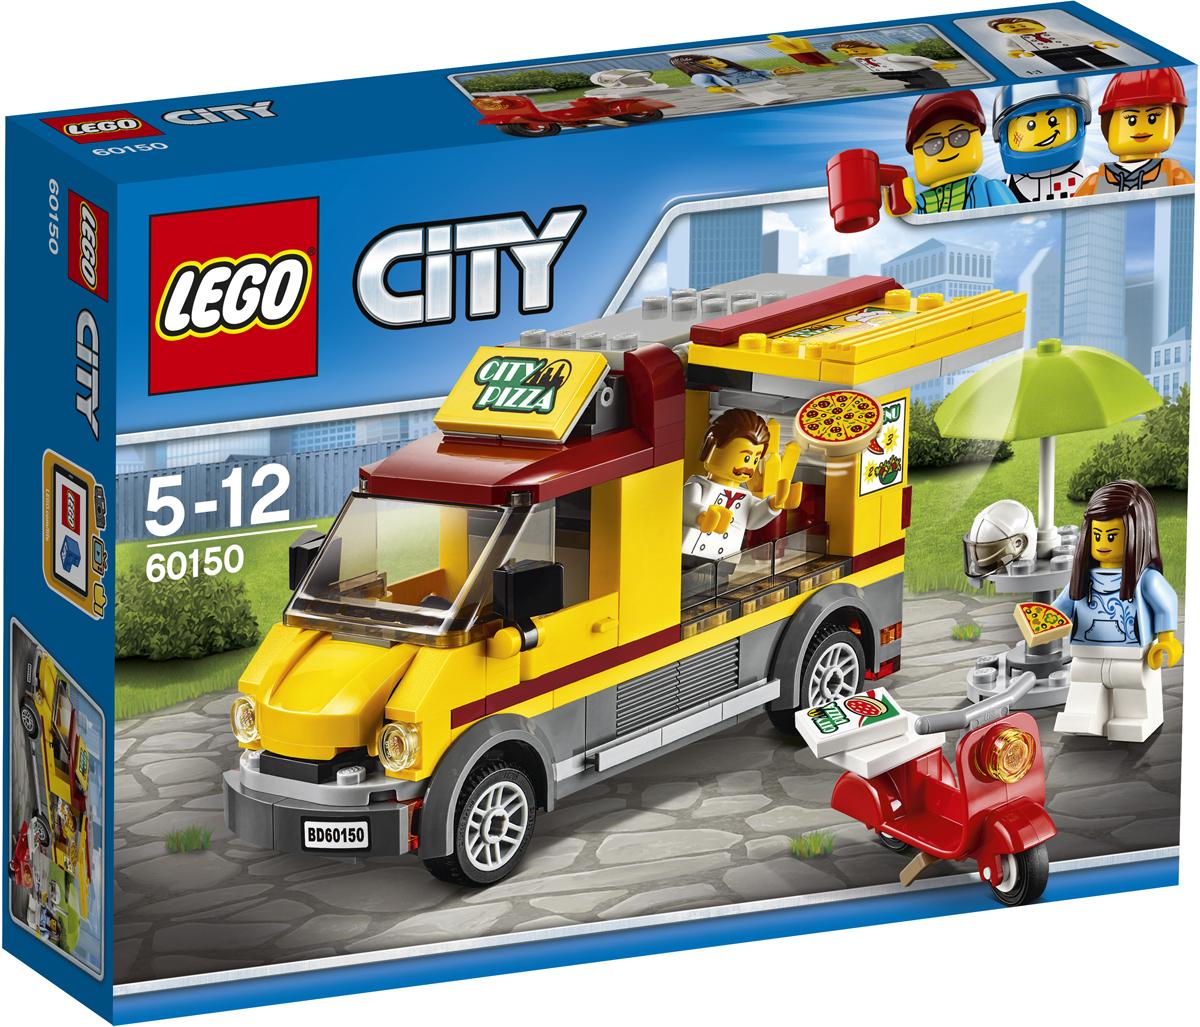 LEGO City Конструктор Фургон-пиццерия 6015060150Откройте фургон-пиццерию и приготовьтесь принимать заказы! Берите тесто и начинайте делать пиццу. Отрежьте кусочек и подайте его проголодавшемуся посетителю, а потом упакуйте пару свежих пицц и на скутере доставьте их клиентам. А вот и пицца, обед на столе! Набор включает в себя 249 разноцветных пластиковых элементов. Конструктор - это один из самых увлекательных и веселых способов времяпрепровождения. Ребенок сможет часами играть с конструктором, придумывая различные ситуации и истории.